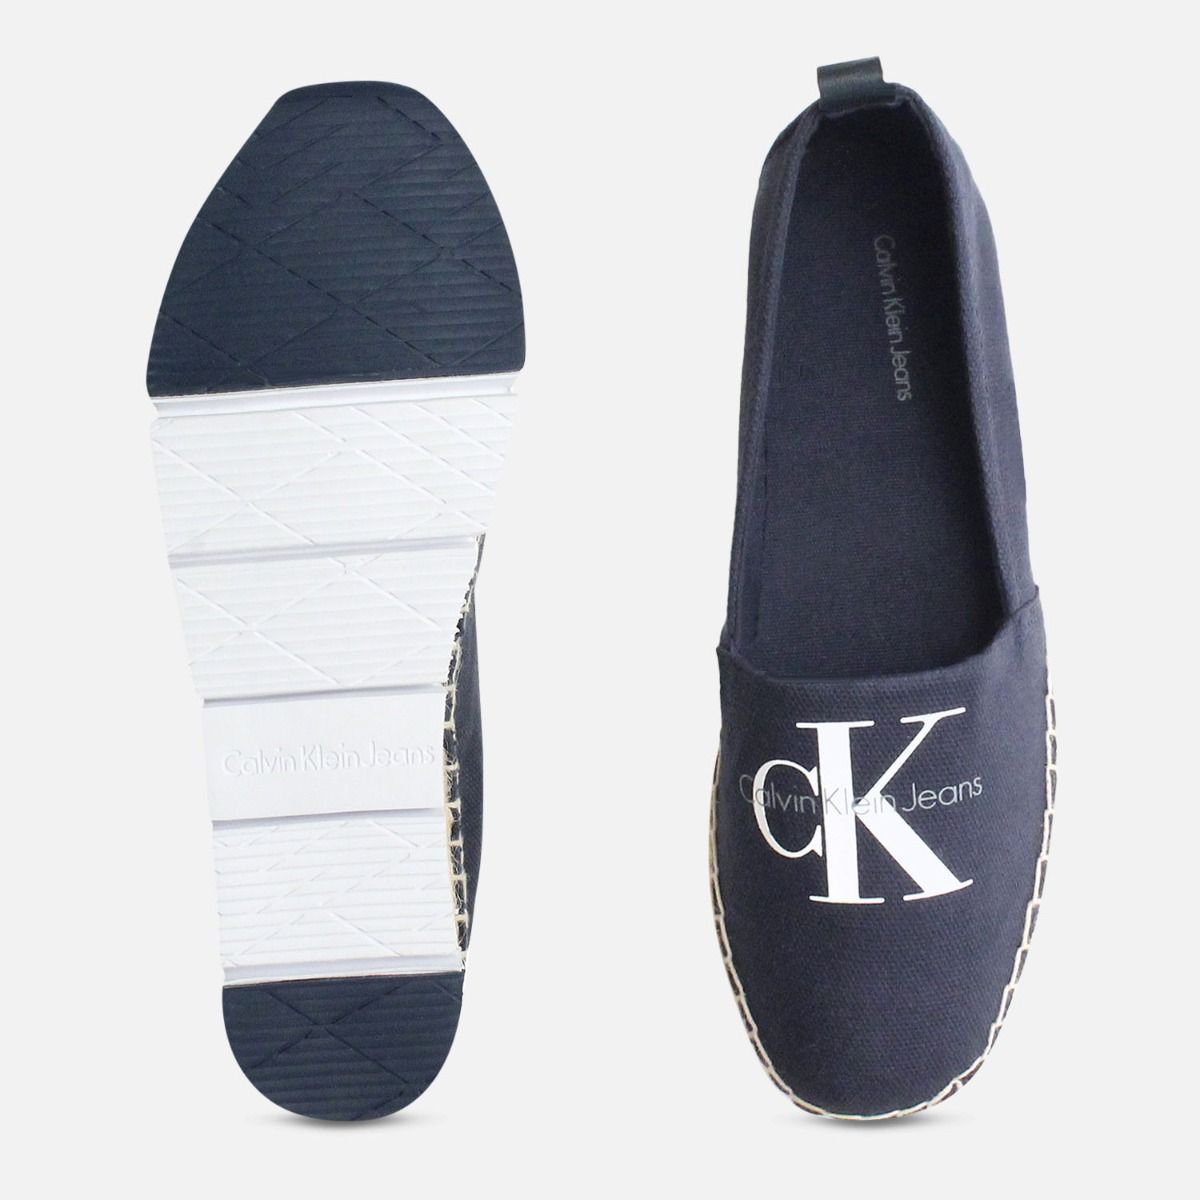 Calvin Klein Ladies Shoes Genna